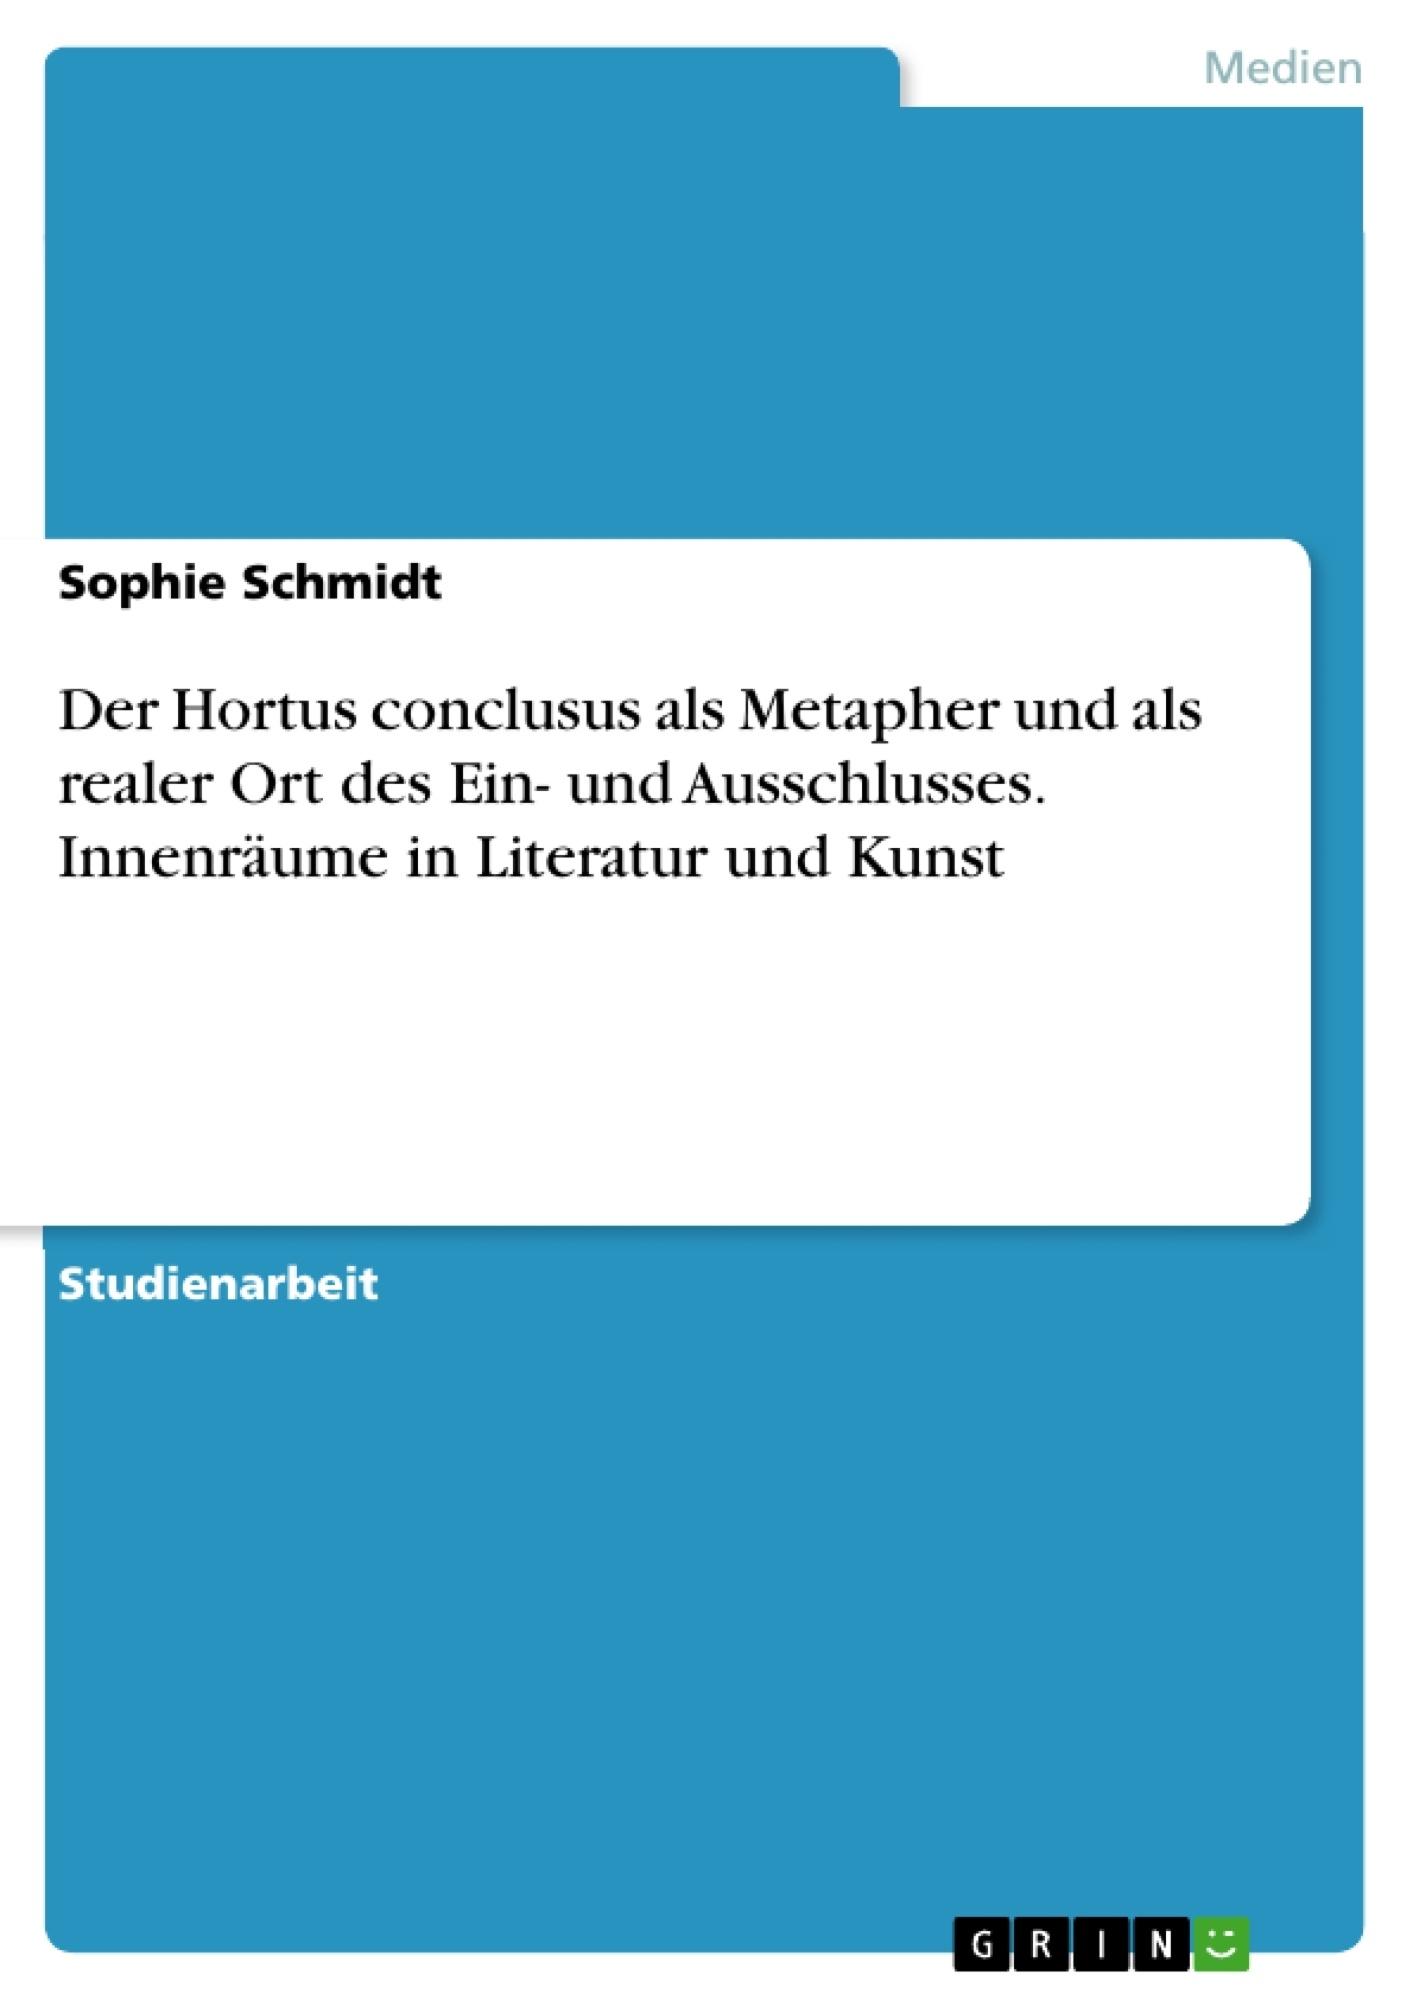 Titel: Der Hortus conclusus als Metapher und als realer Ort des Ein- und Ausschlusses. Innenräume in Literatur und Kunst